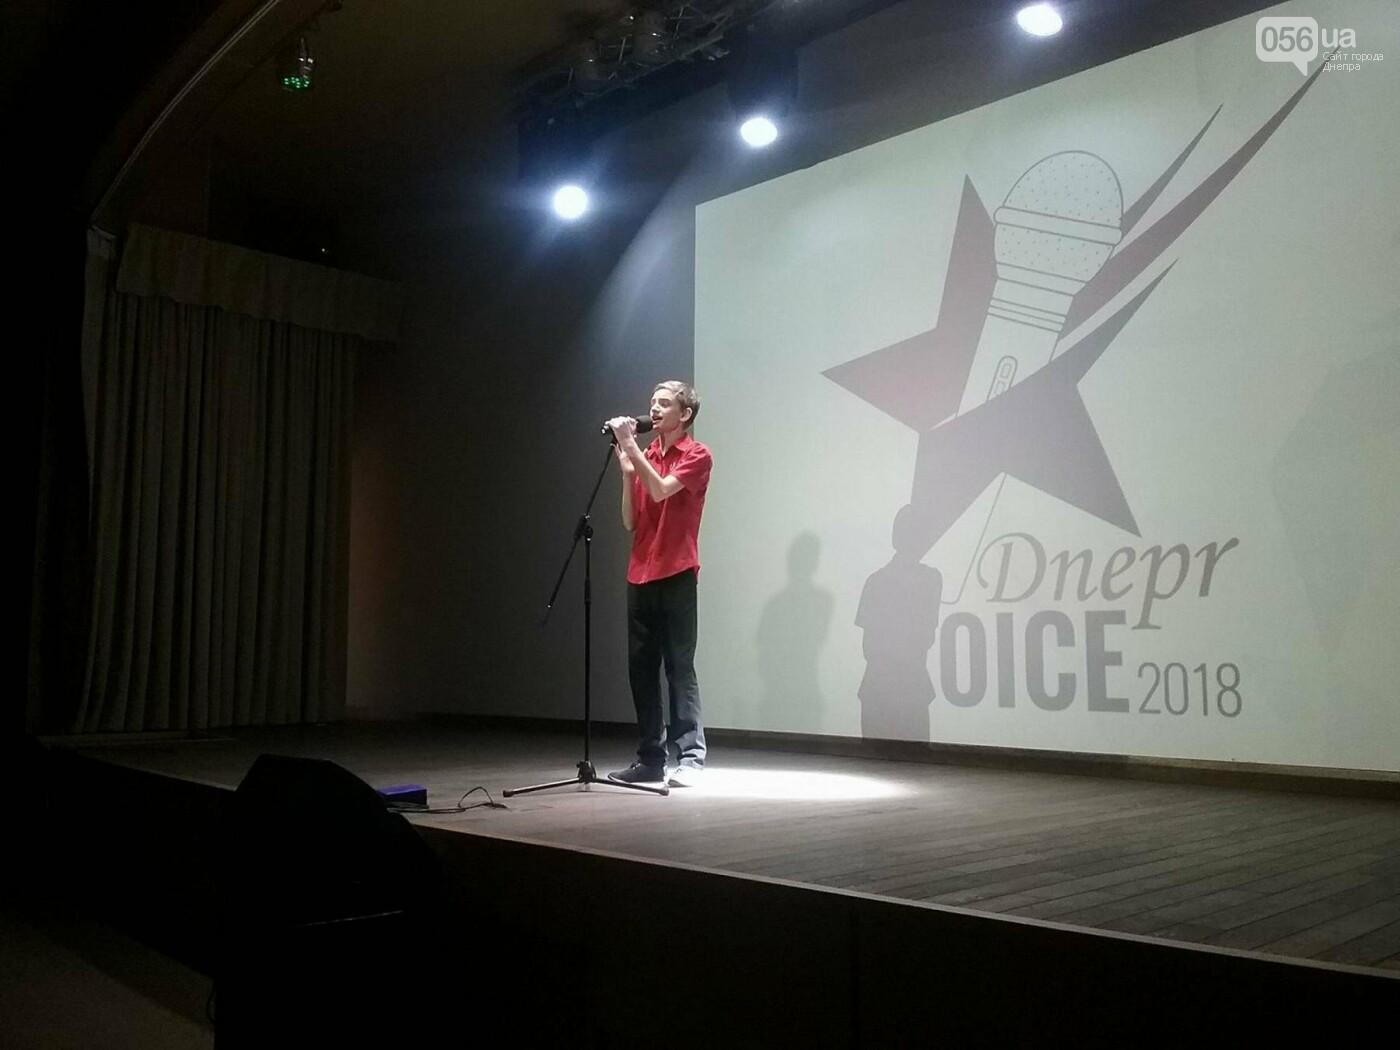 Сегодня прошел первый полуфинал Dnepr Voice: как это было (ФОТО, ВИДЕО) , фото-1